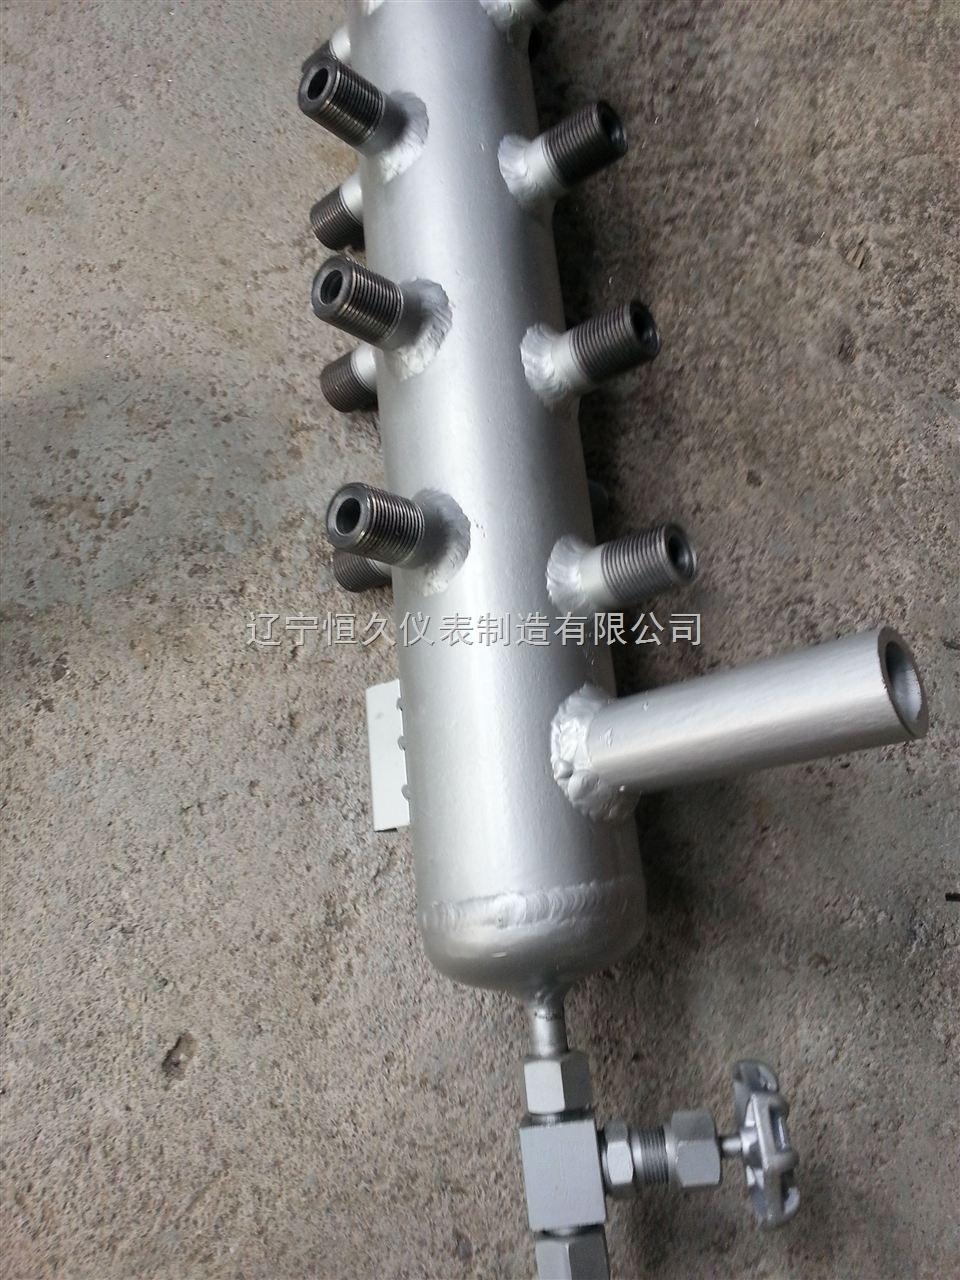 udz-15 现货销售 电接点水位计 电极式锅炉水位计 防腐蚀液位计